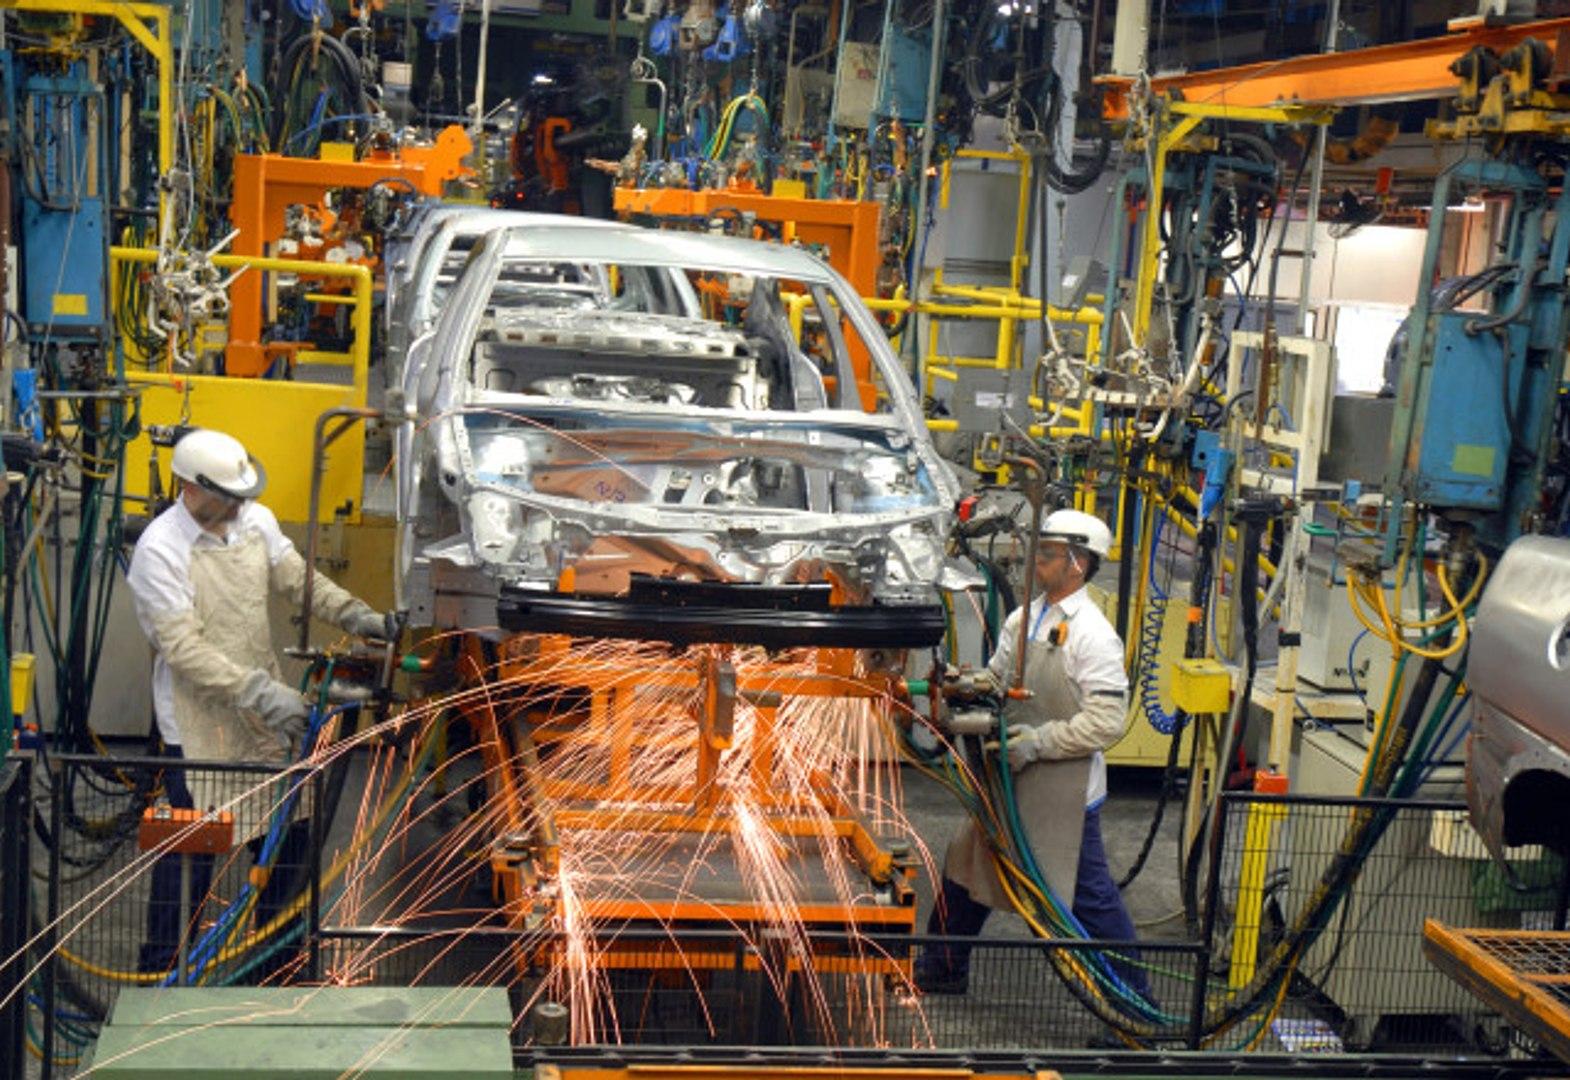 General Motors 700 Bin Aracını Direksiyon Hatası Nedeniyle Geri Çağırdı